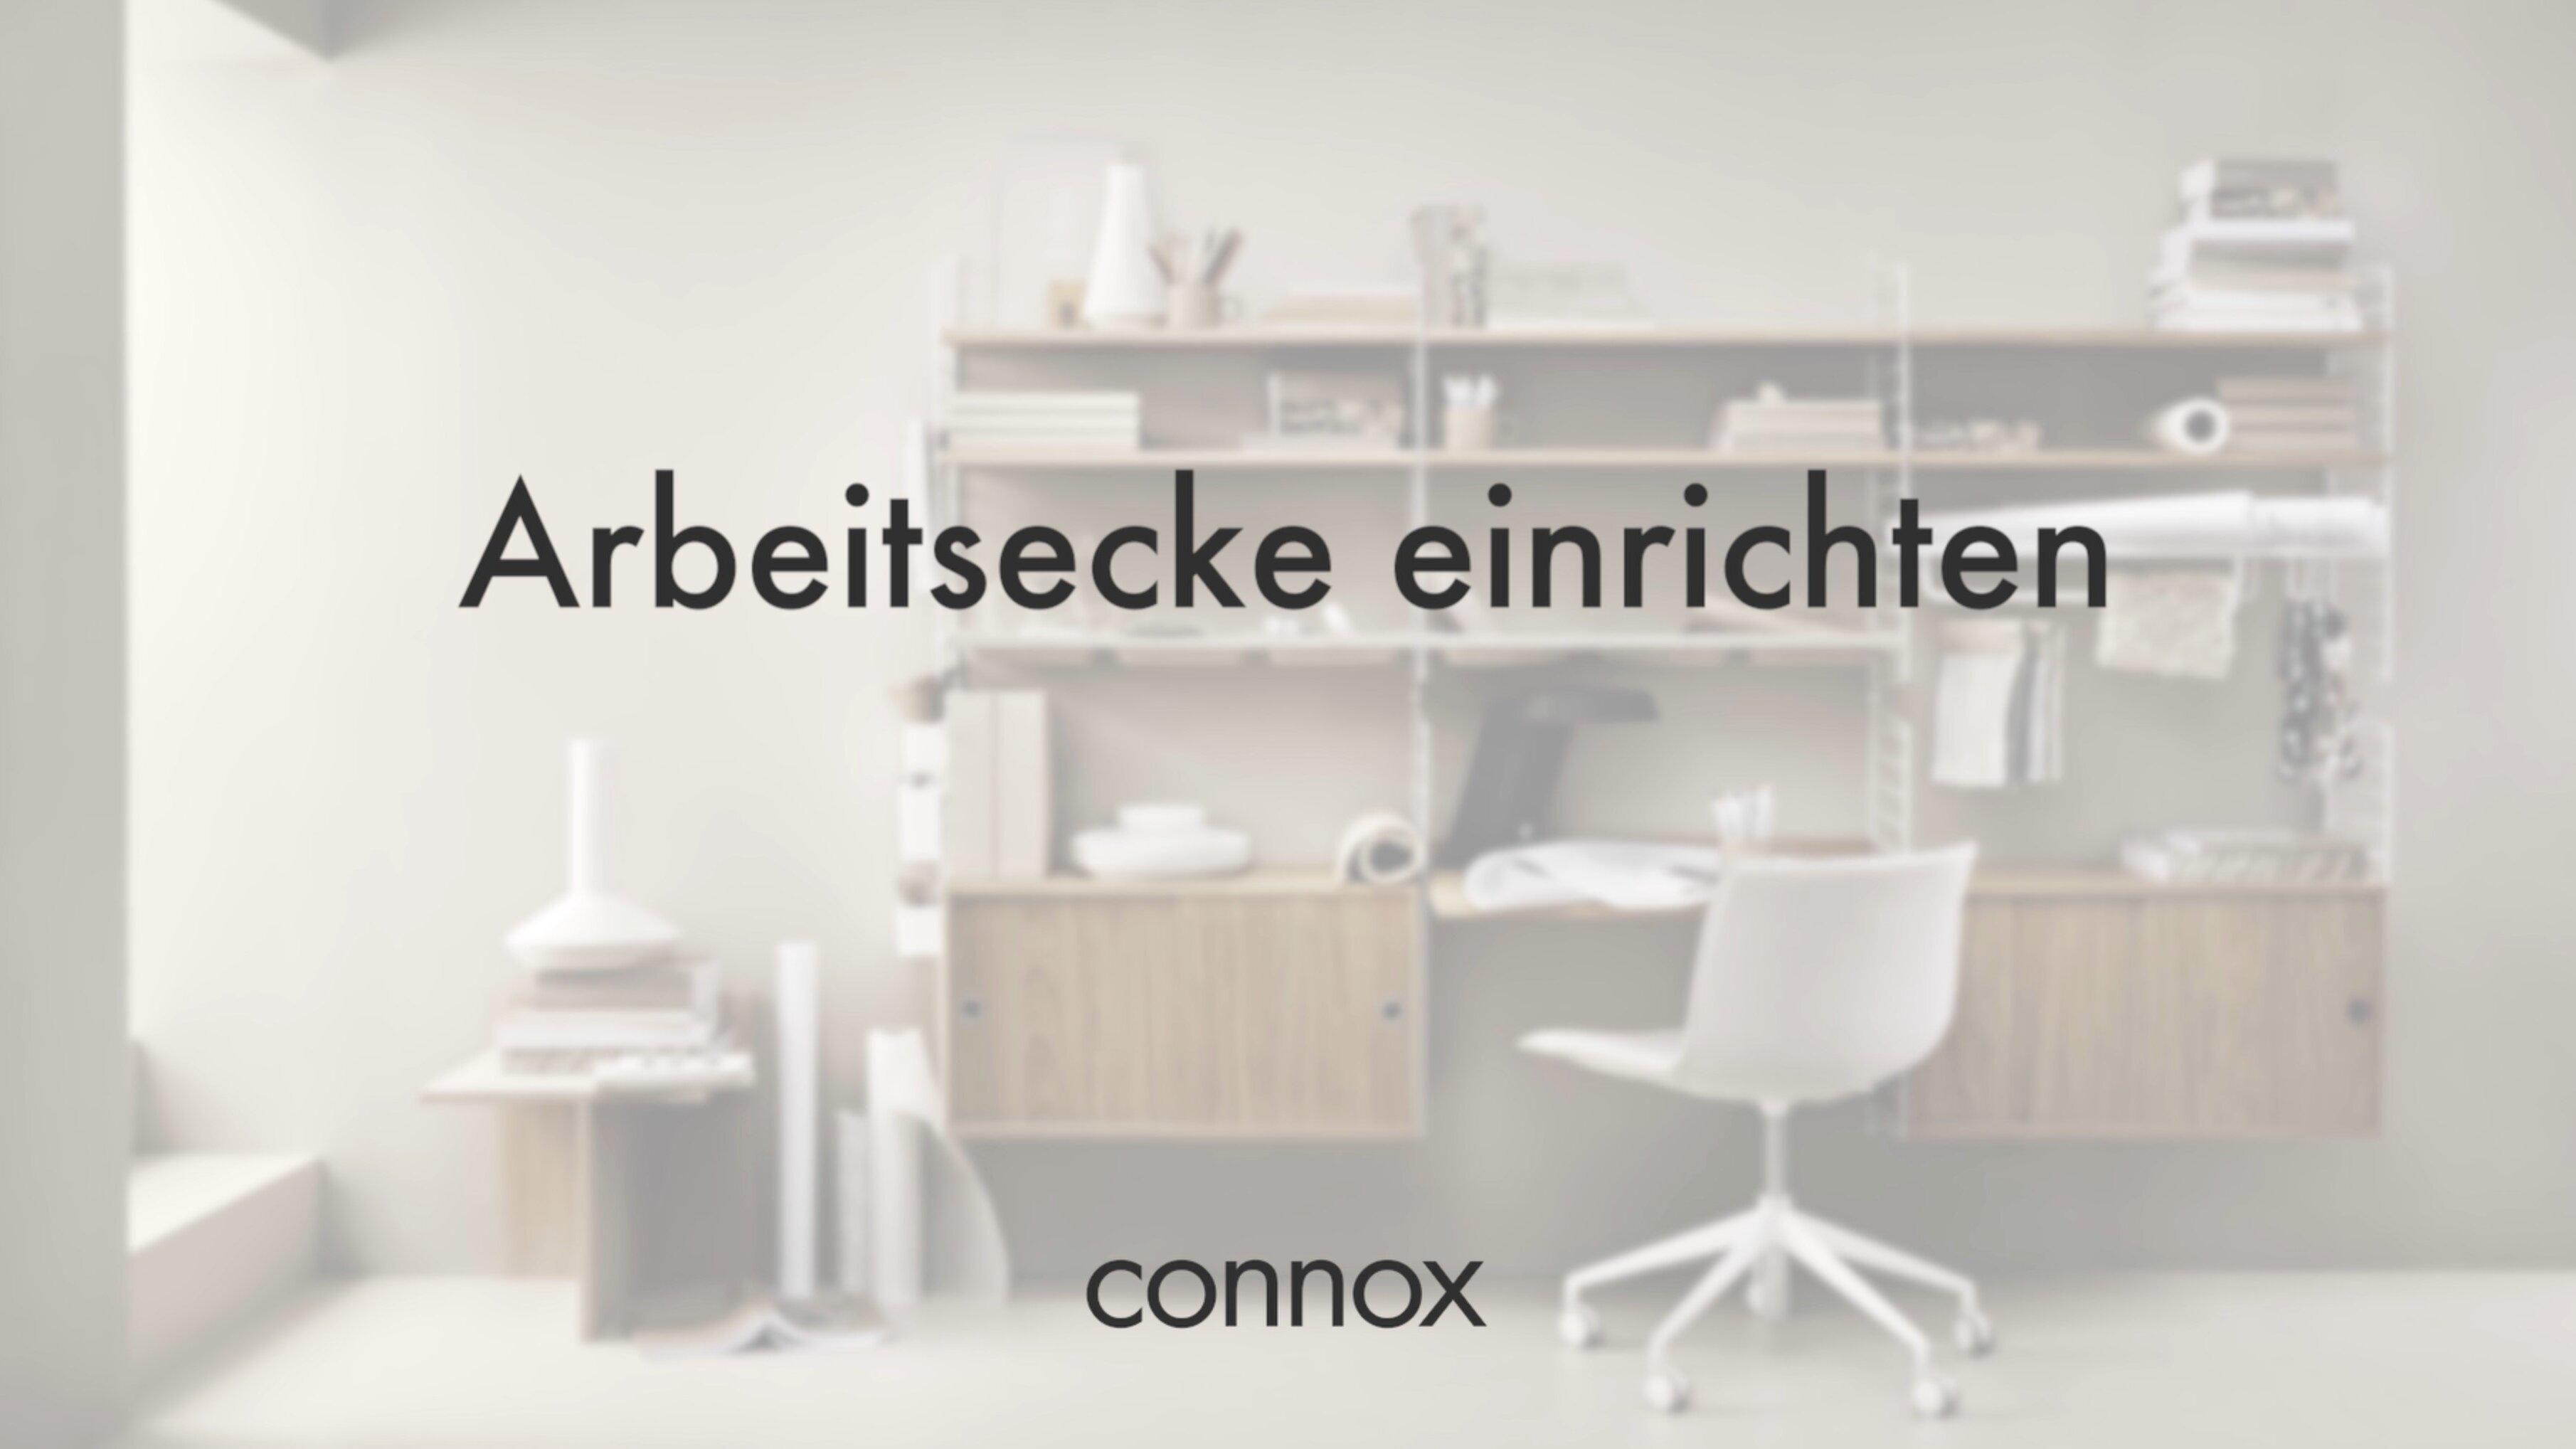 'Arbeitsecke einrichten   Connox Magazine' [Video] [Video]    Hausbüro organisation, Zimmer dekor ideen, Geschäfts  und büroarchitektur